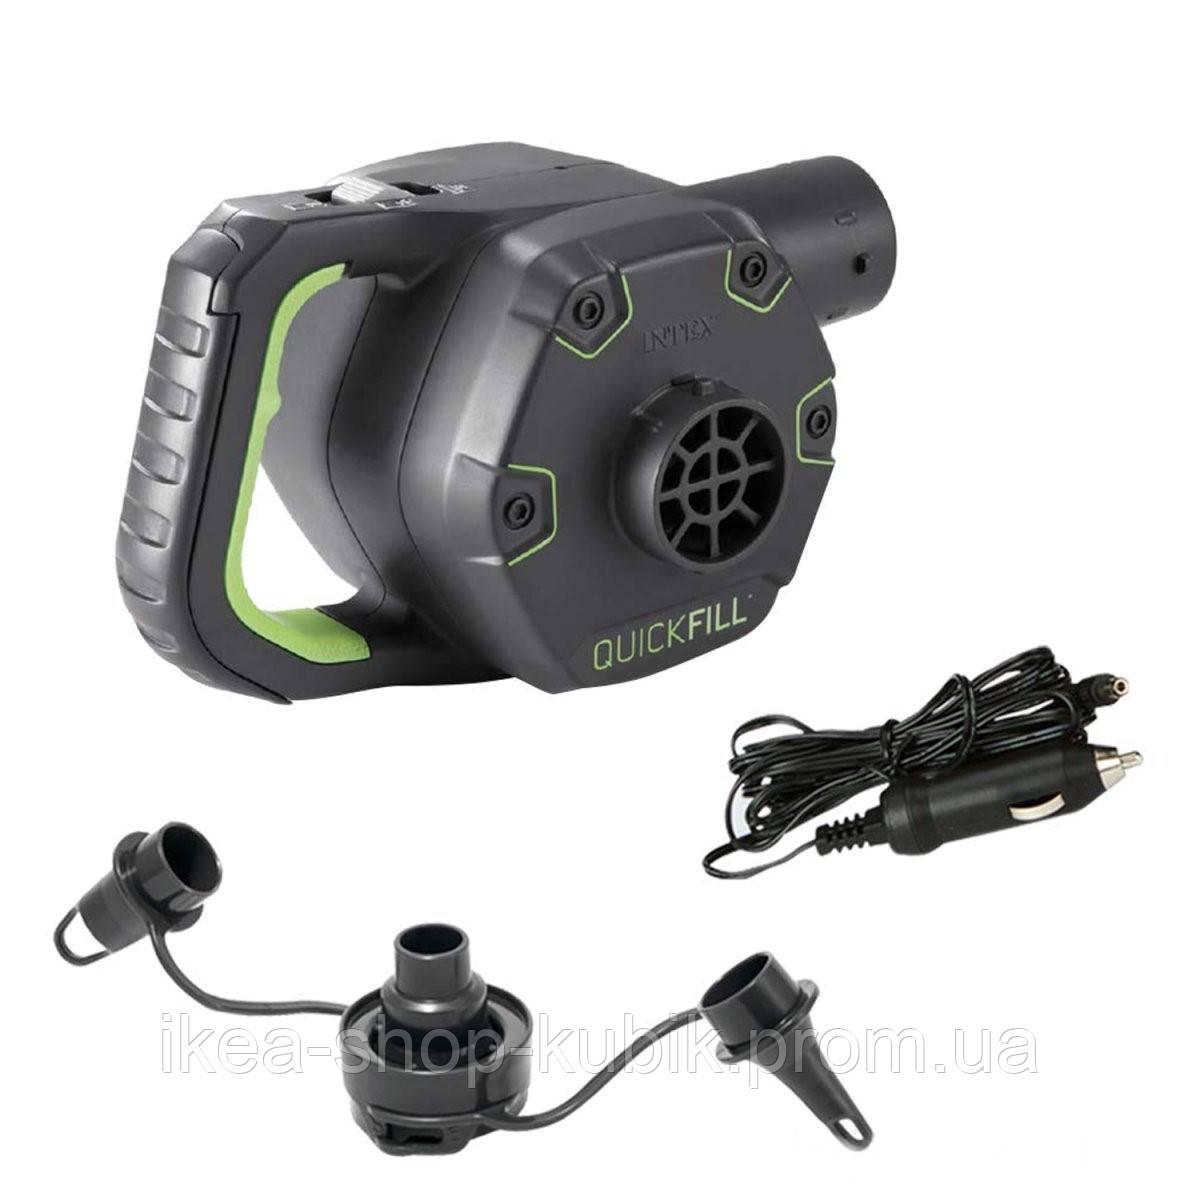 Электрический насос для надувания Intex 66642 аккумуляторный, перезаря 2